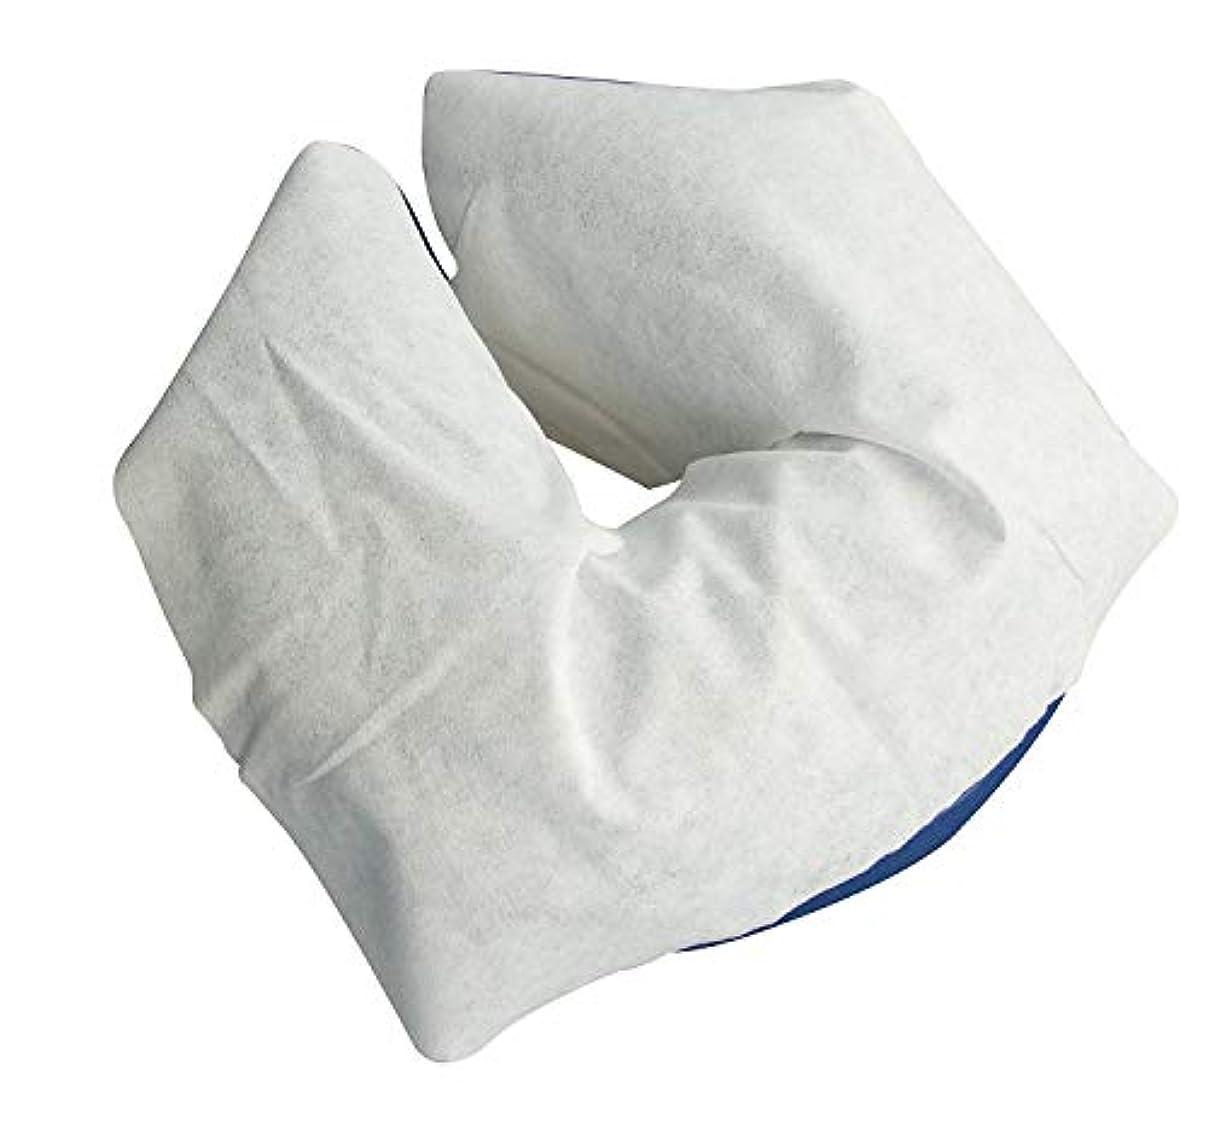 形量で道徳Umora U字 ピローシート 使い捨てマクラカバー 業務用 美容 サロン 100%綿 柔軟 厚手(200枚)